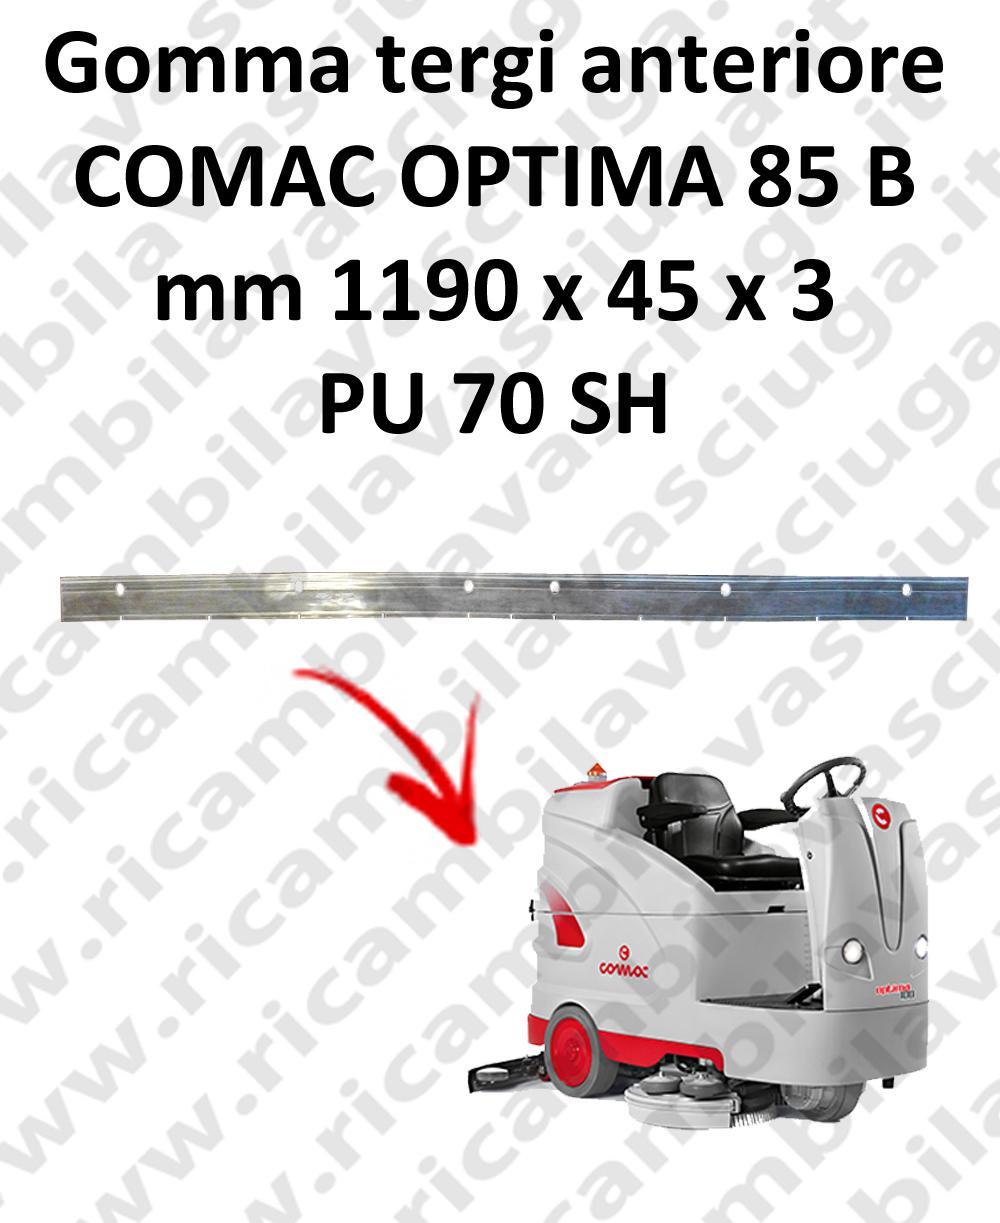 OPTIMA 85B GOMMA TERGI anteriore per tergipavimento COMAC